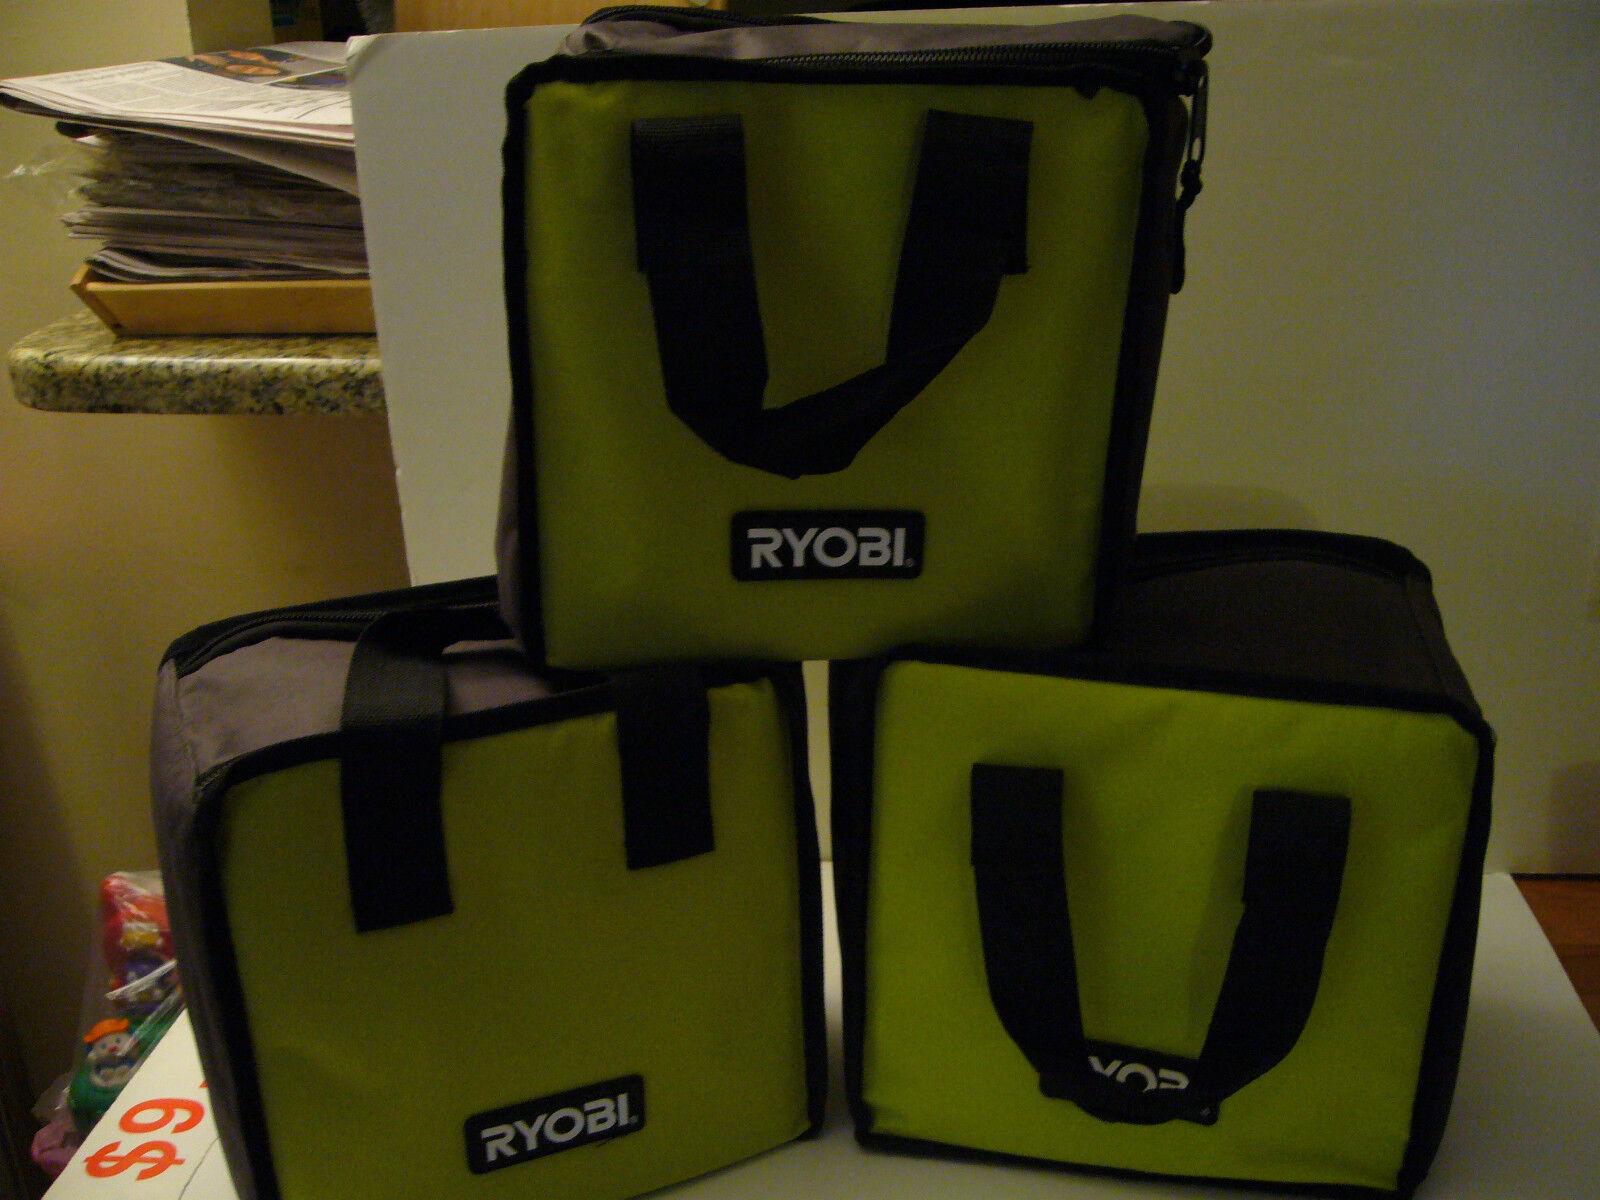 3 Nuevos Ryobi contratista bolsa de herramientas Ajuste de 18 voltios 18v Litio P102 P100 P236 P108 P118